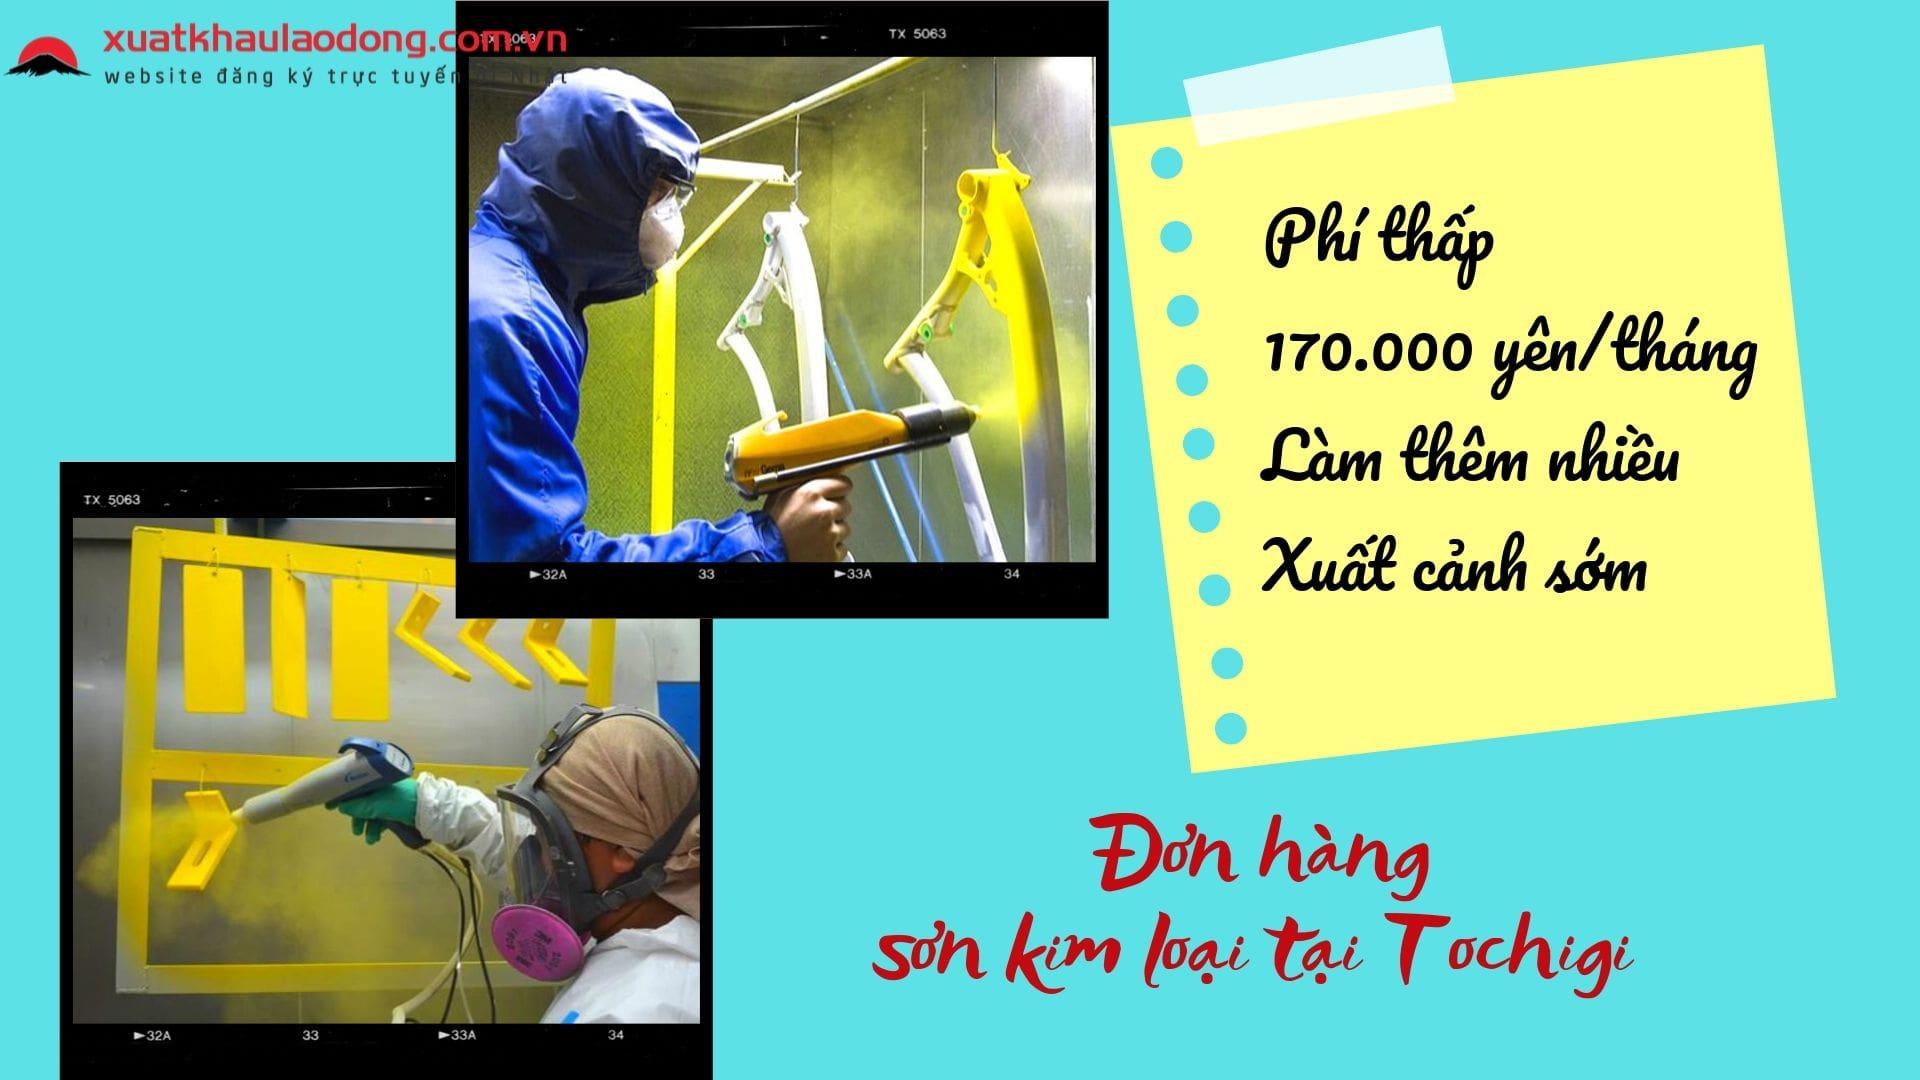 Đơn hàng sơn kim loại tại Tochigi PHÍ THẤP, lương 170.000 yên/tháng